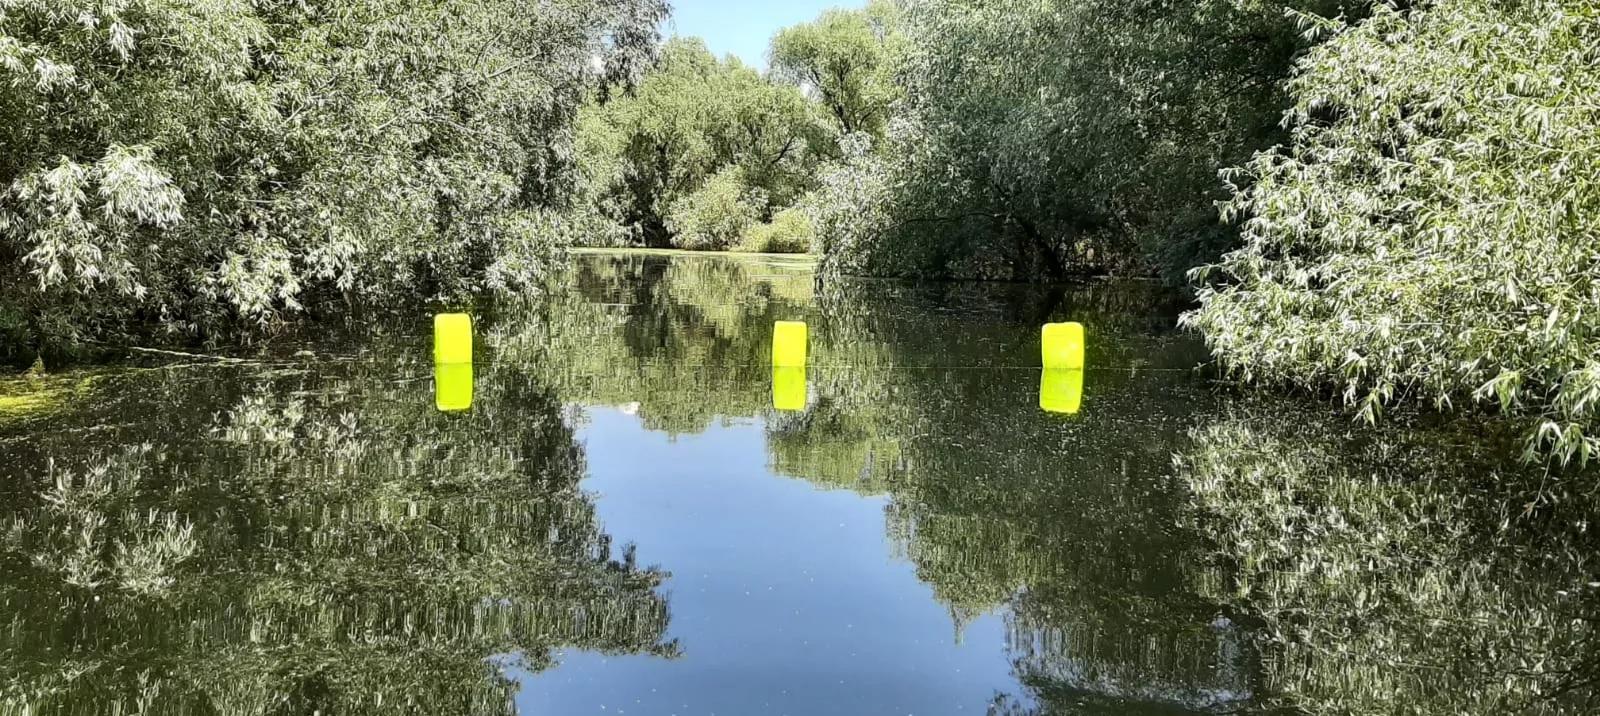 Zonele sensibile din Rezervația Biosferei Delta Dunării trebuie protejate